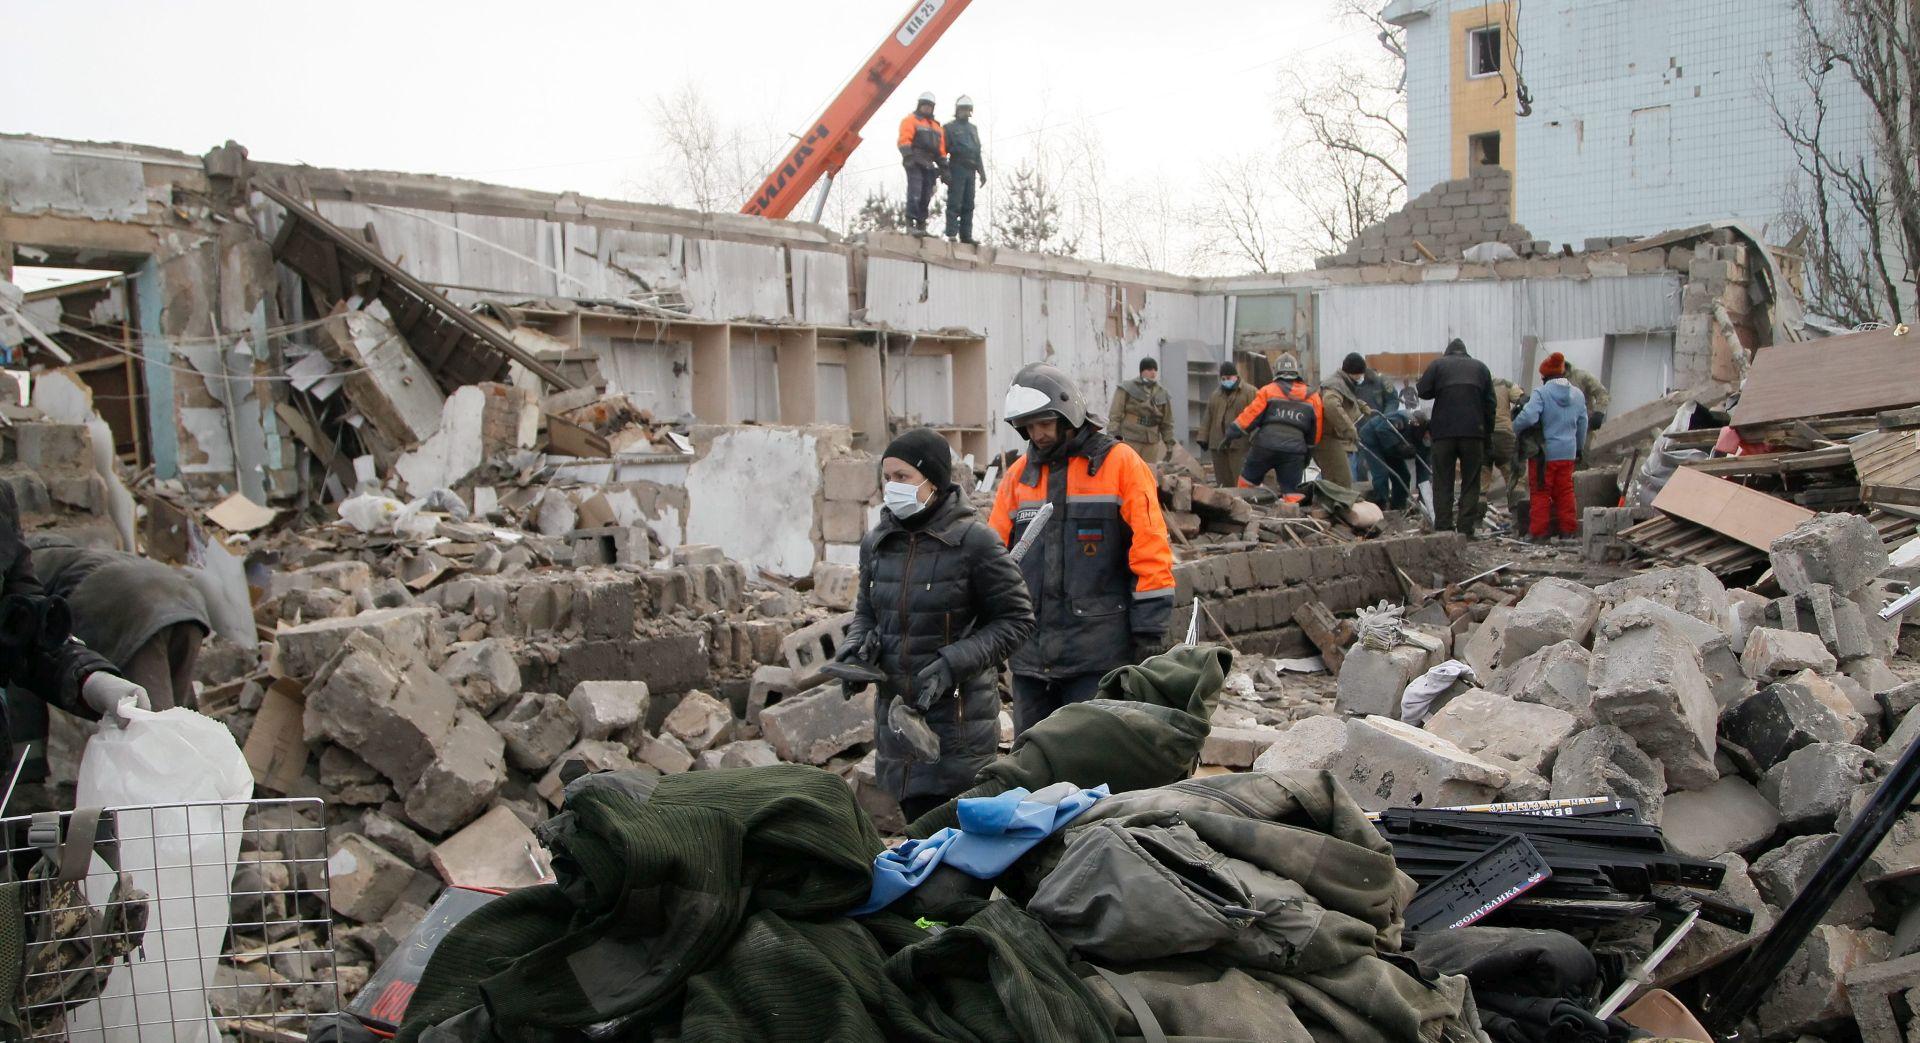 Merkel pozvala Putina da pomogne prekinuti nasilje u istočnoj Ukrajini